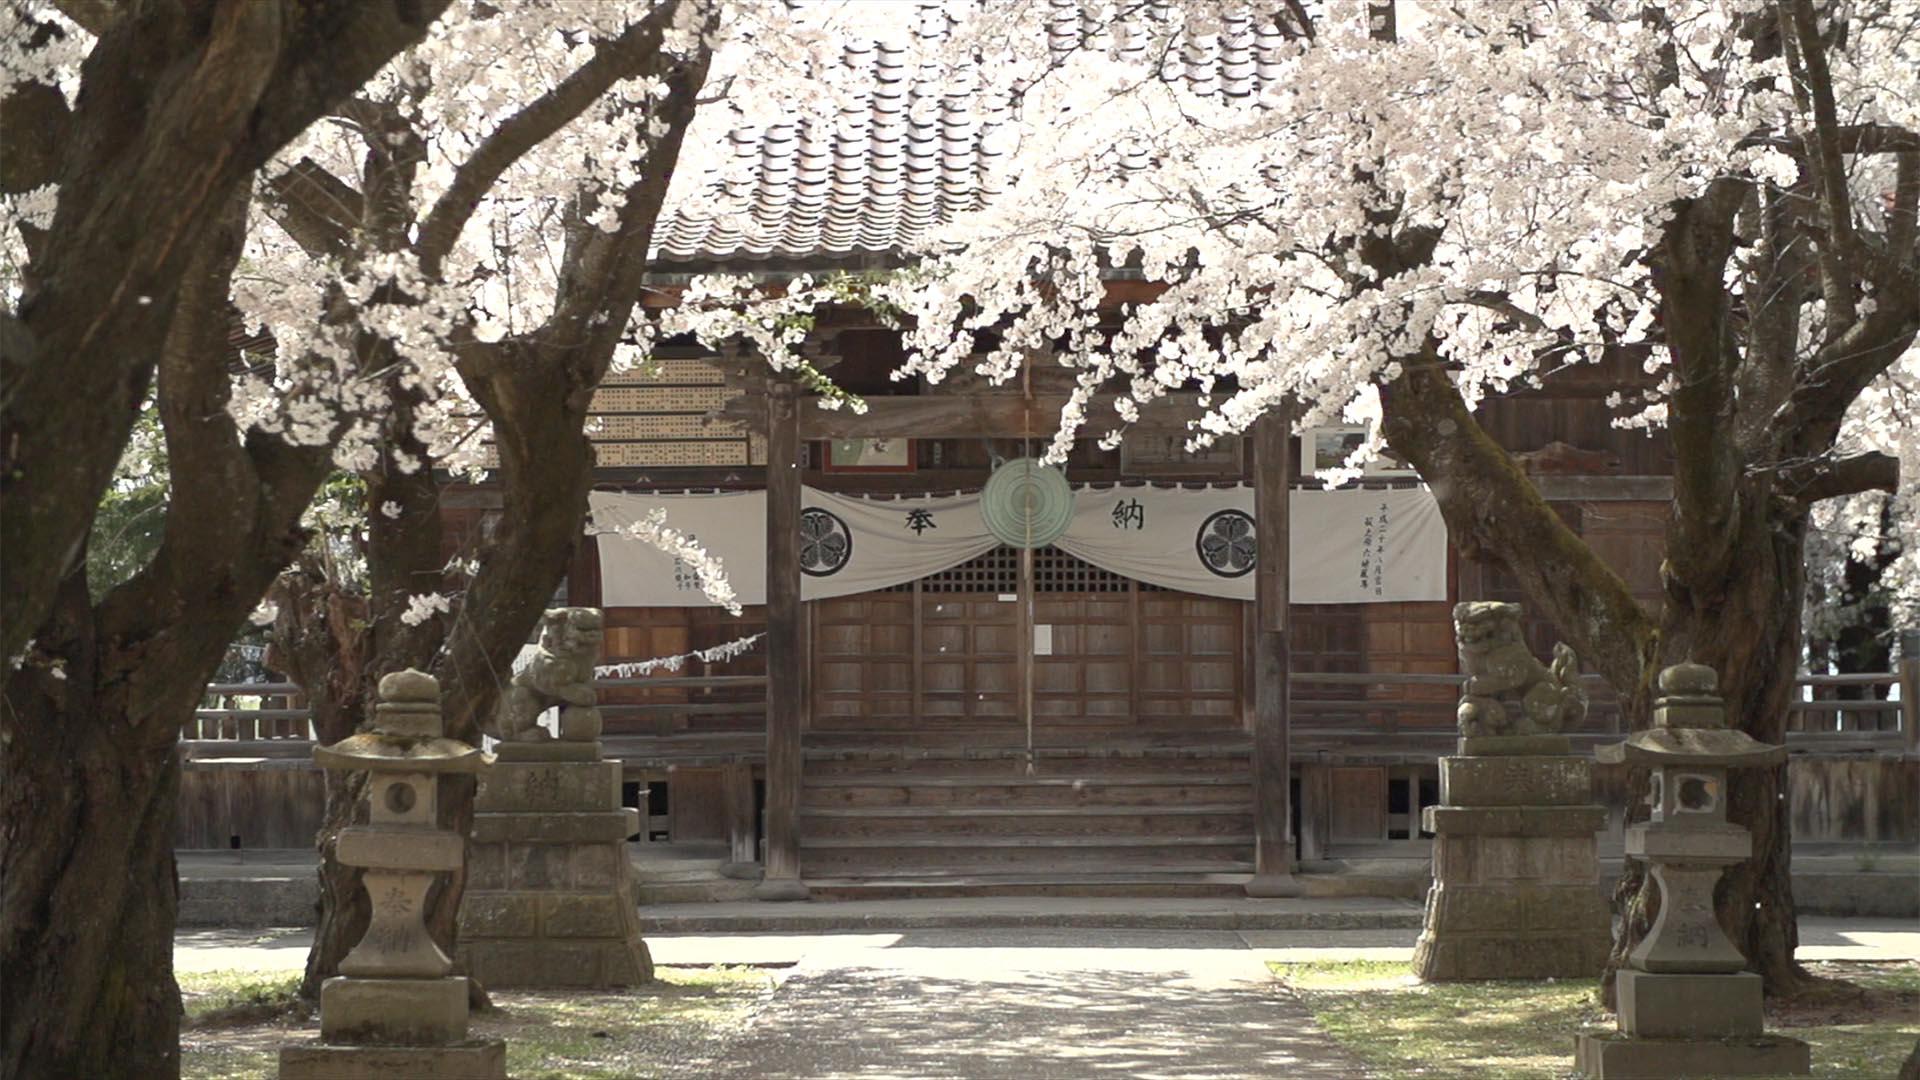 会津地方の桜1_0023_スクリーンショット 2015-01-30 9.54.59